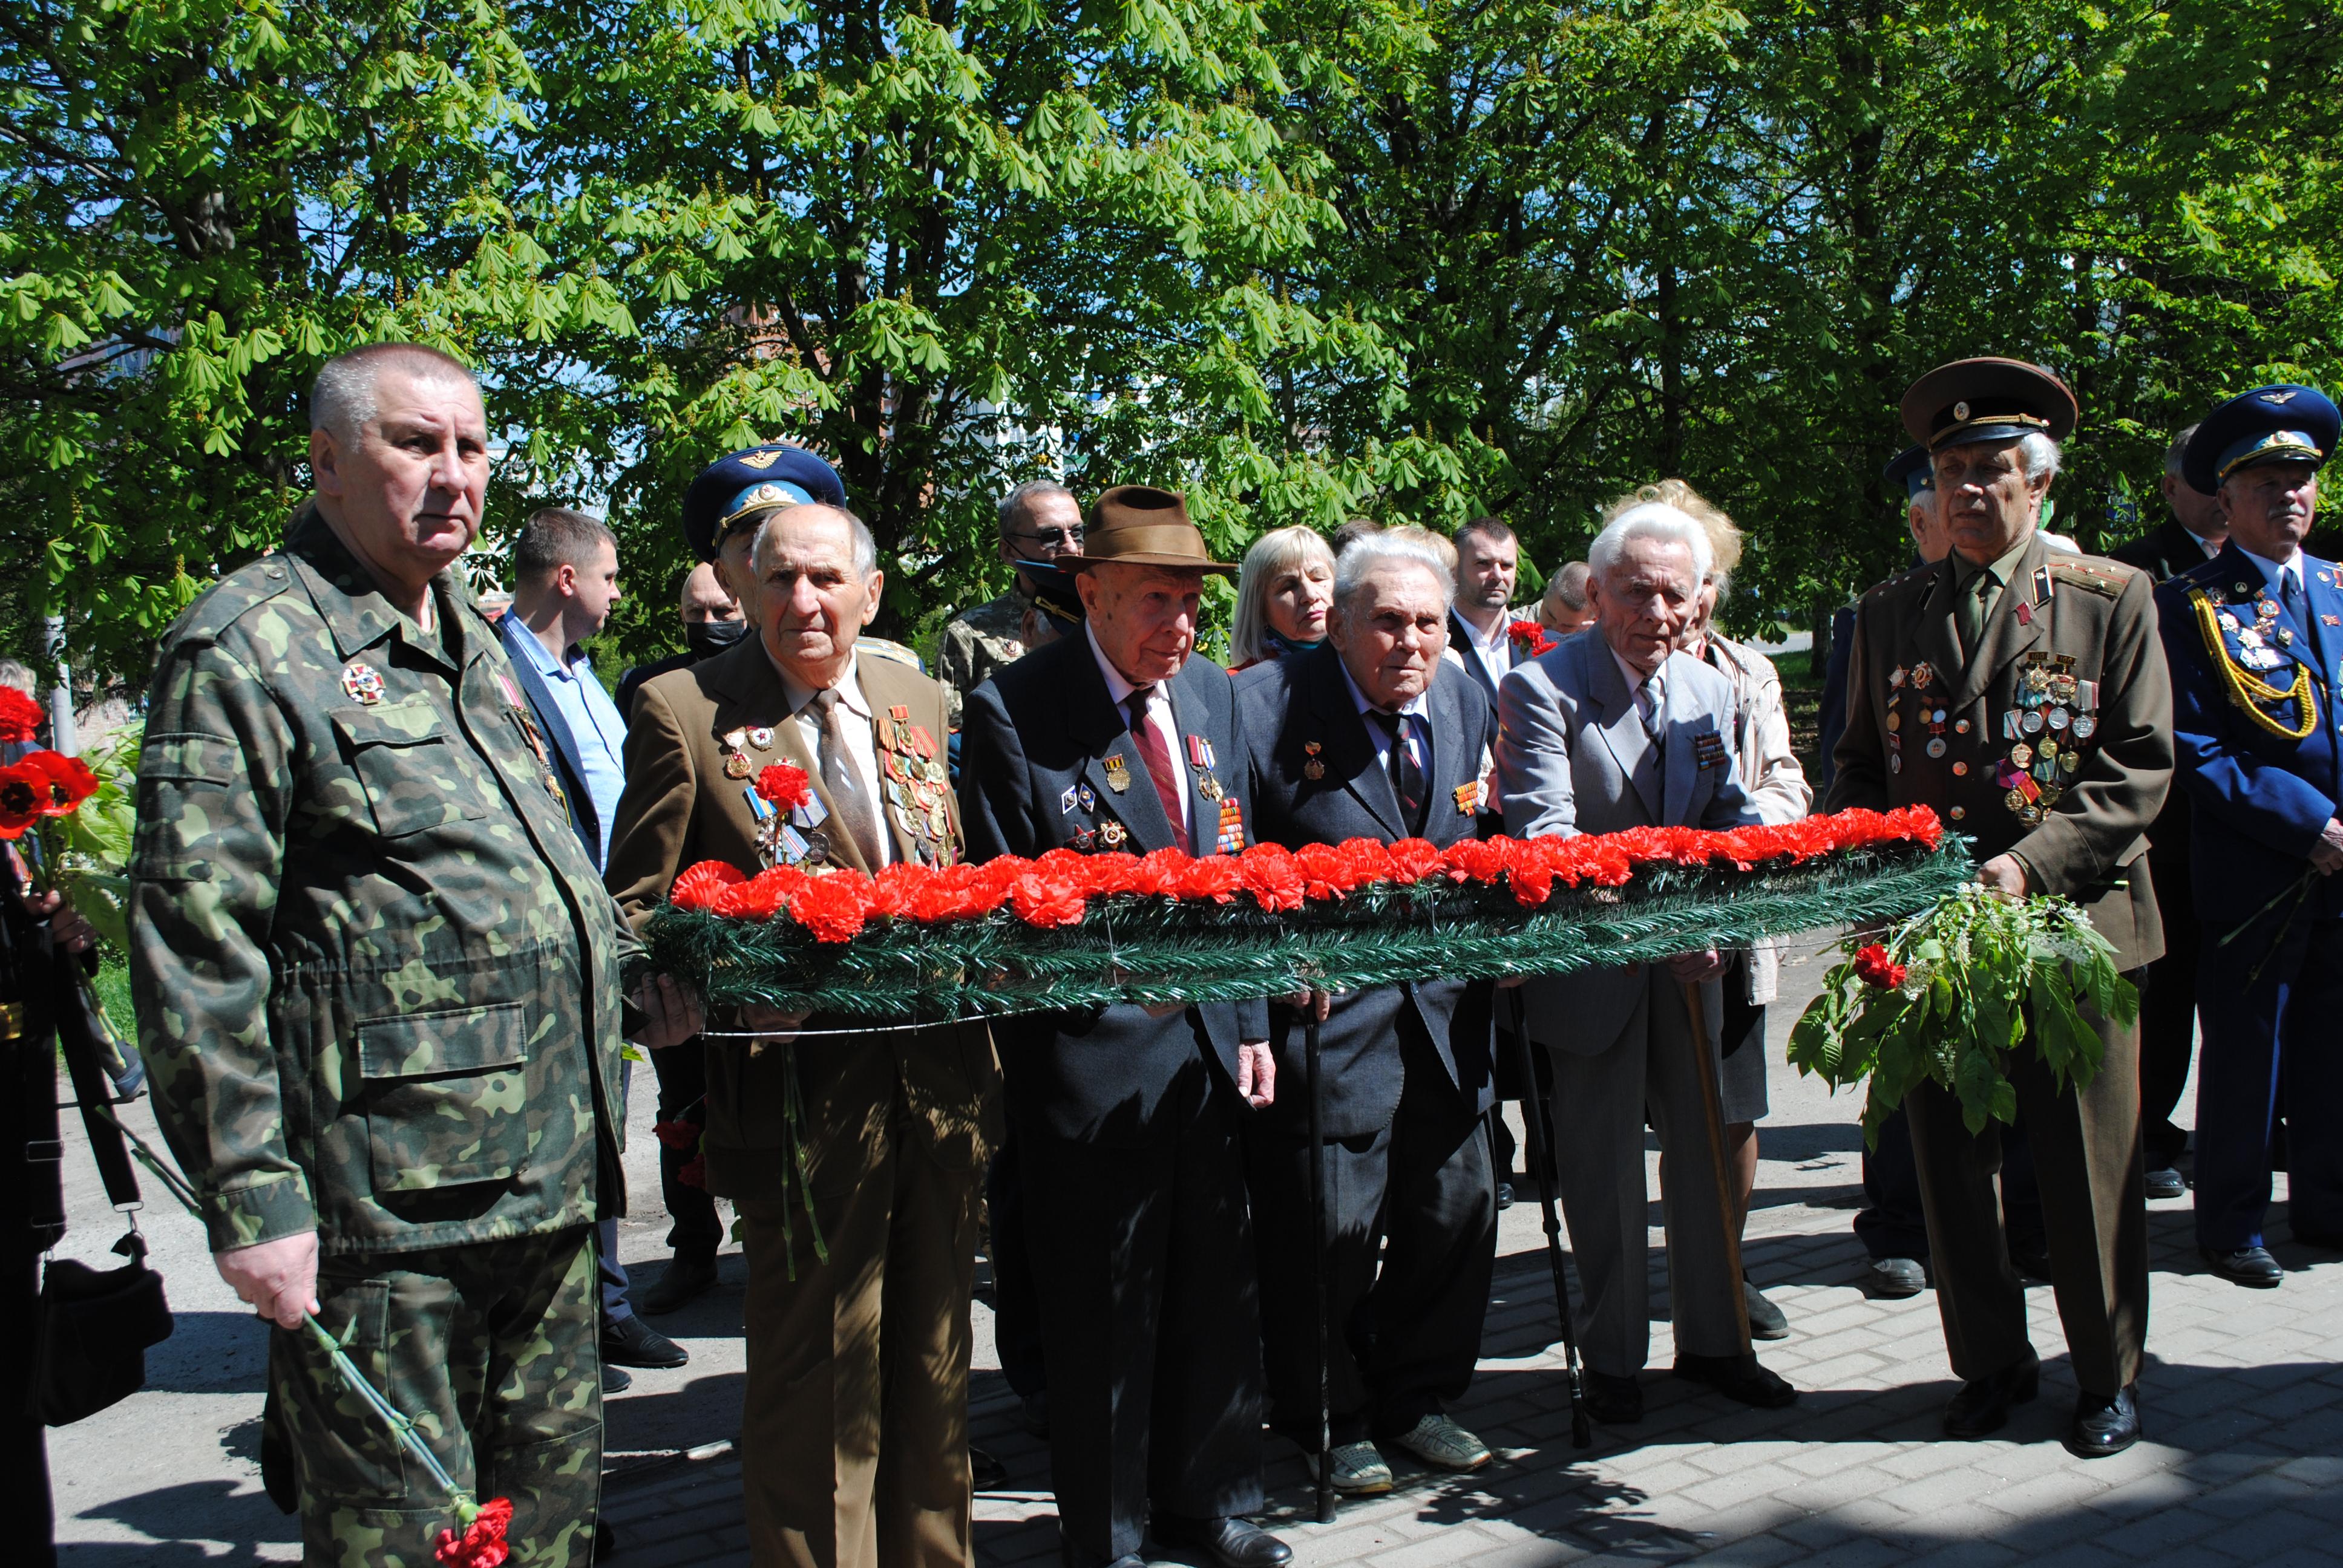 Урочистості у Шевченківському районі з нагоди Дня пам'яті та примирення і Дня перемоги над нацизмом у Другій світовій війні